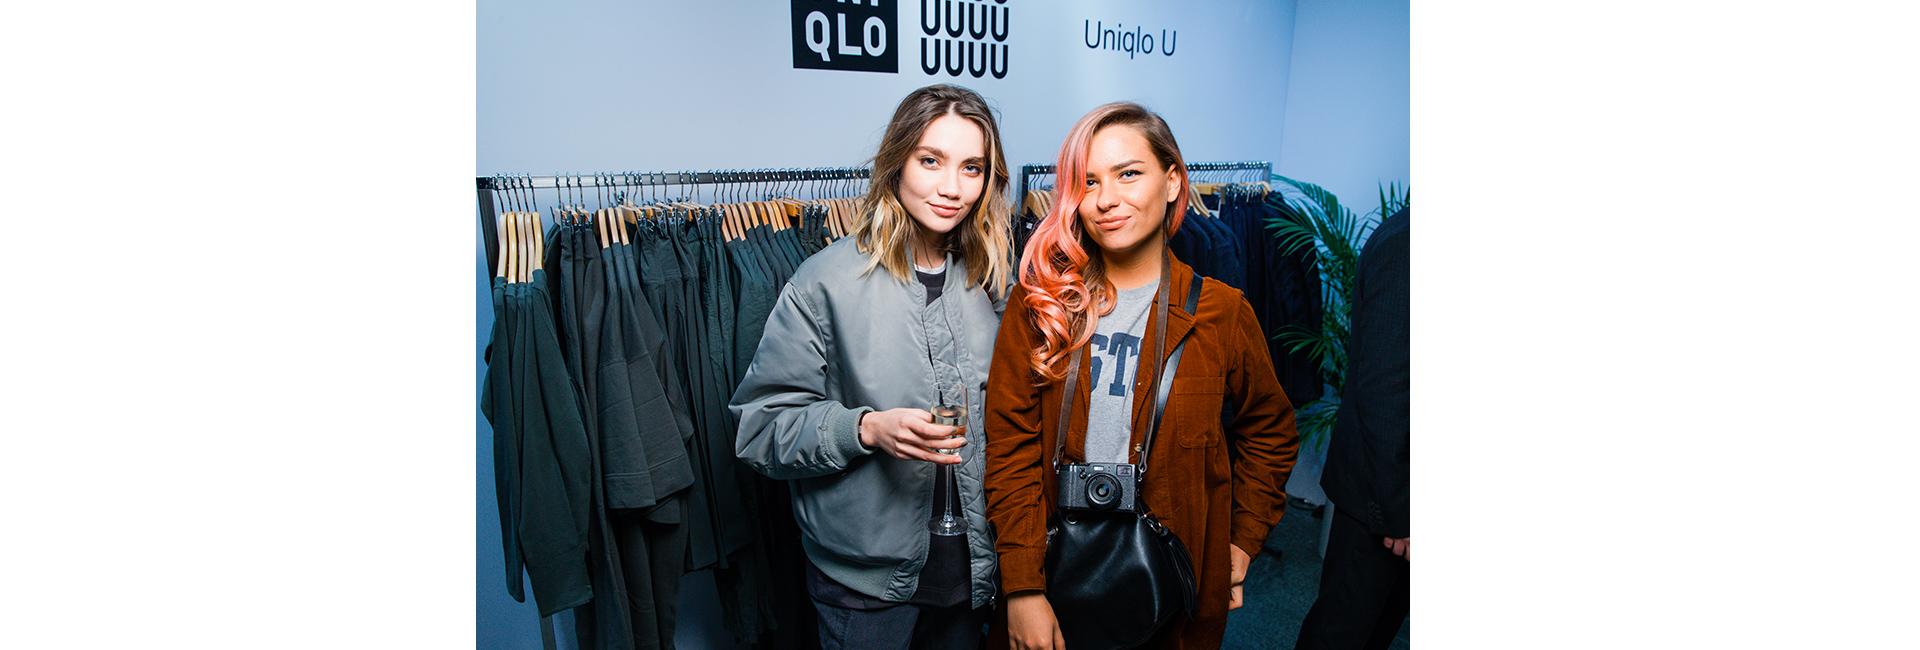 В Москве прошла вечеринка в честь запуска новой коллекции Uniqlo U (фото 3)